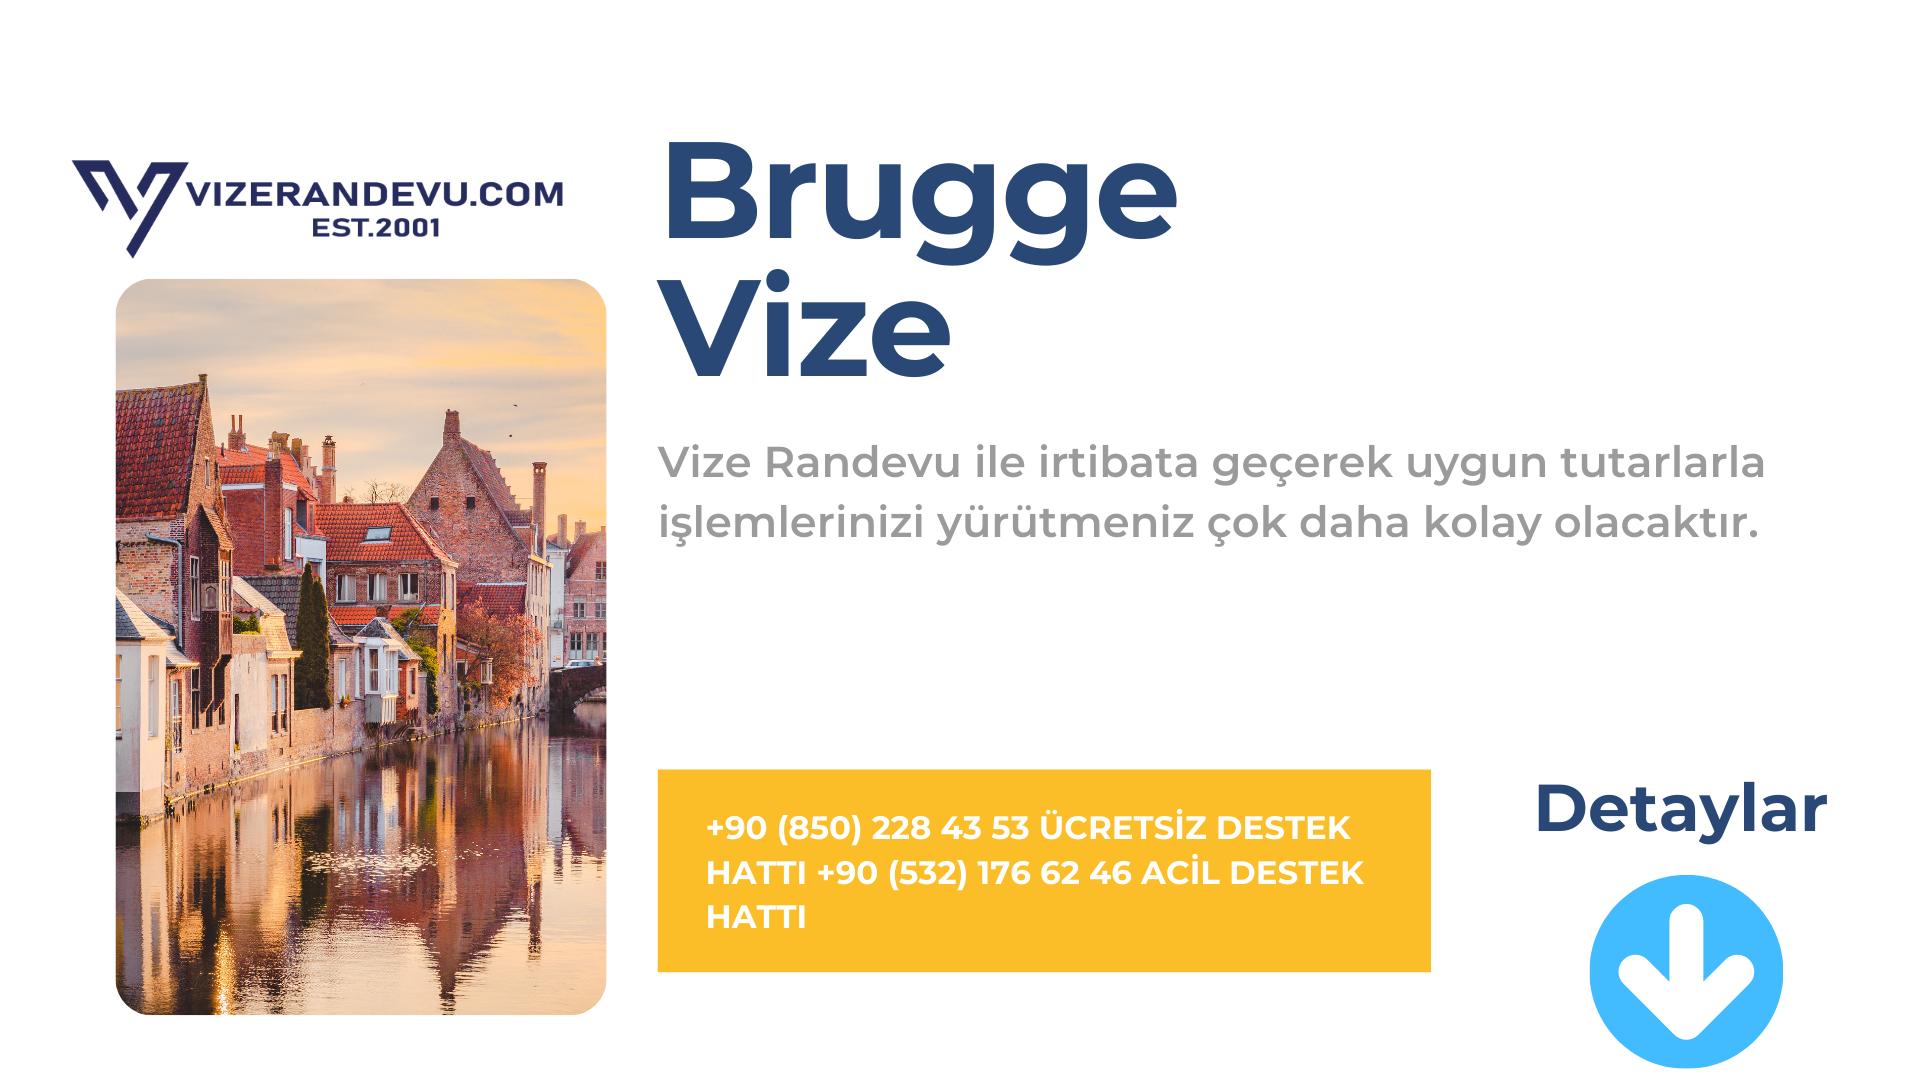 Brugge Vize